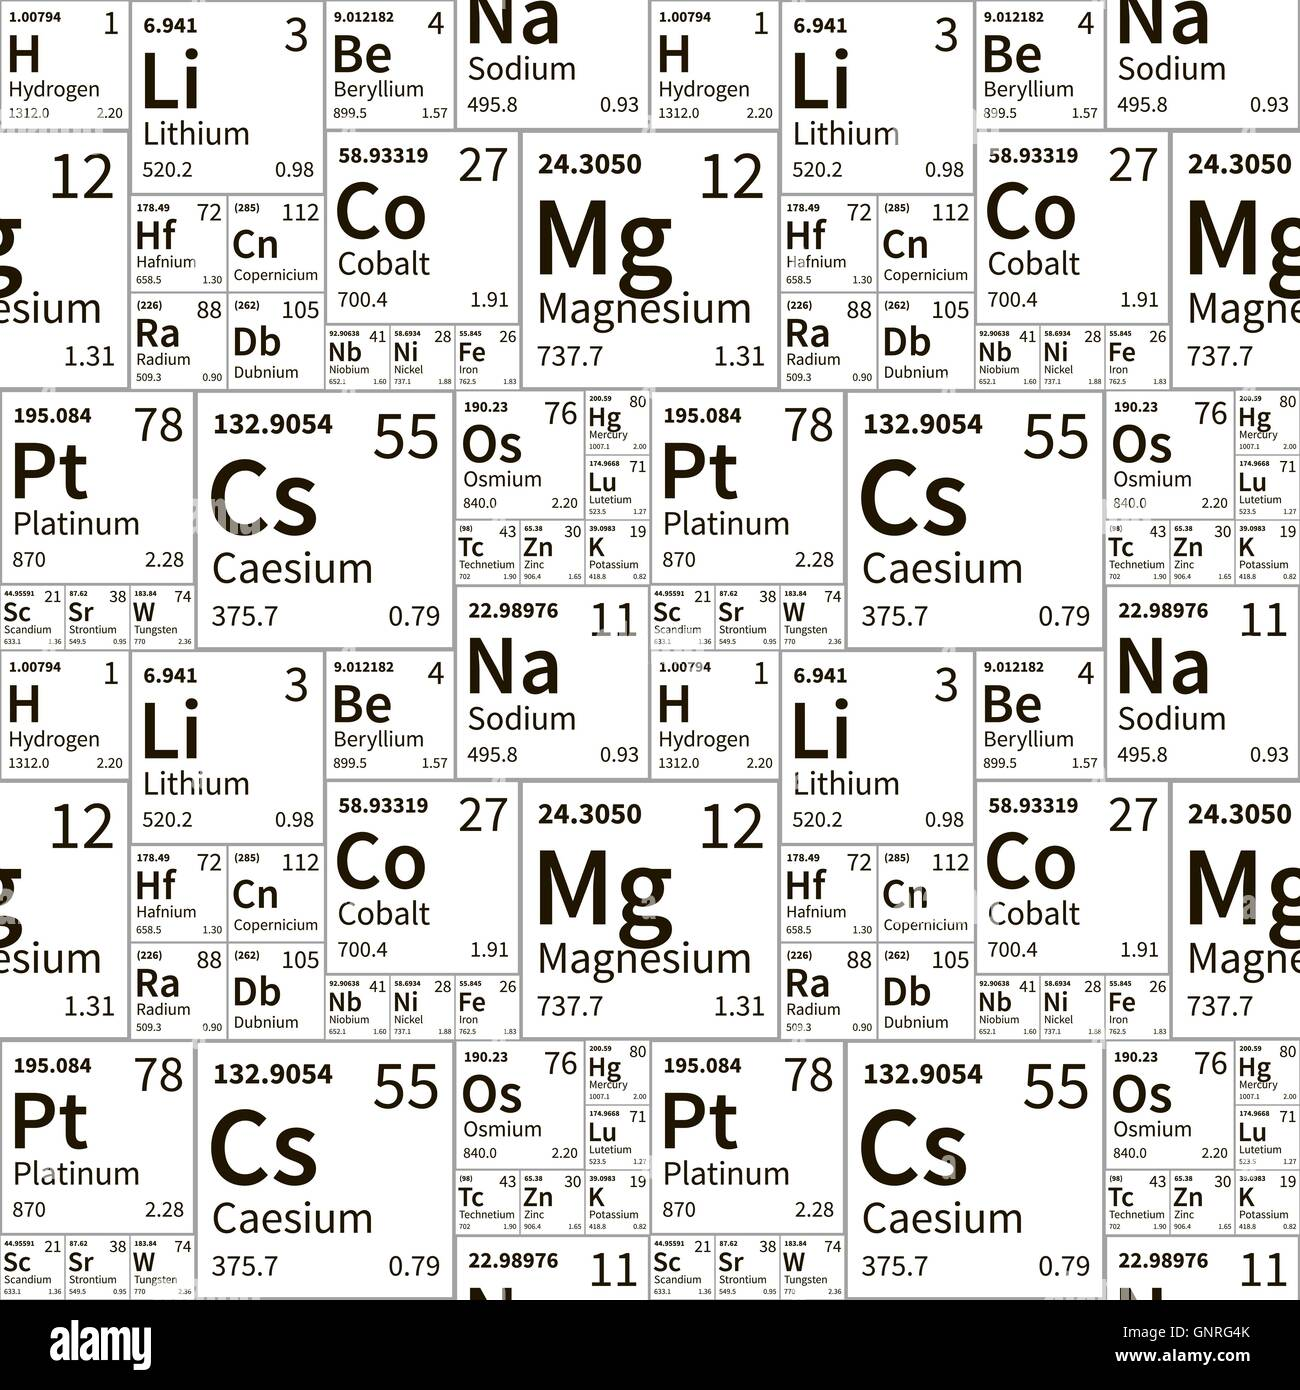 Tabla periodica de los elementos quimicos vectorizada images los elementos qumicos de la tabla peridica en blanco y negro los elementos qumicos de la urtaz Image collections